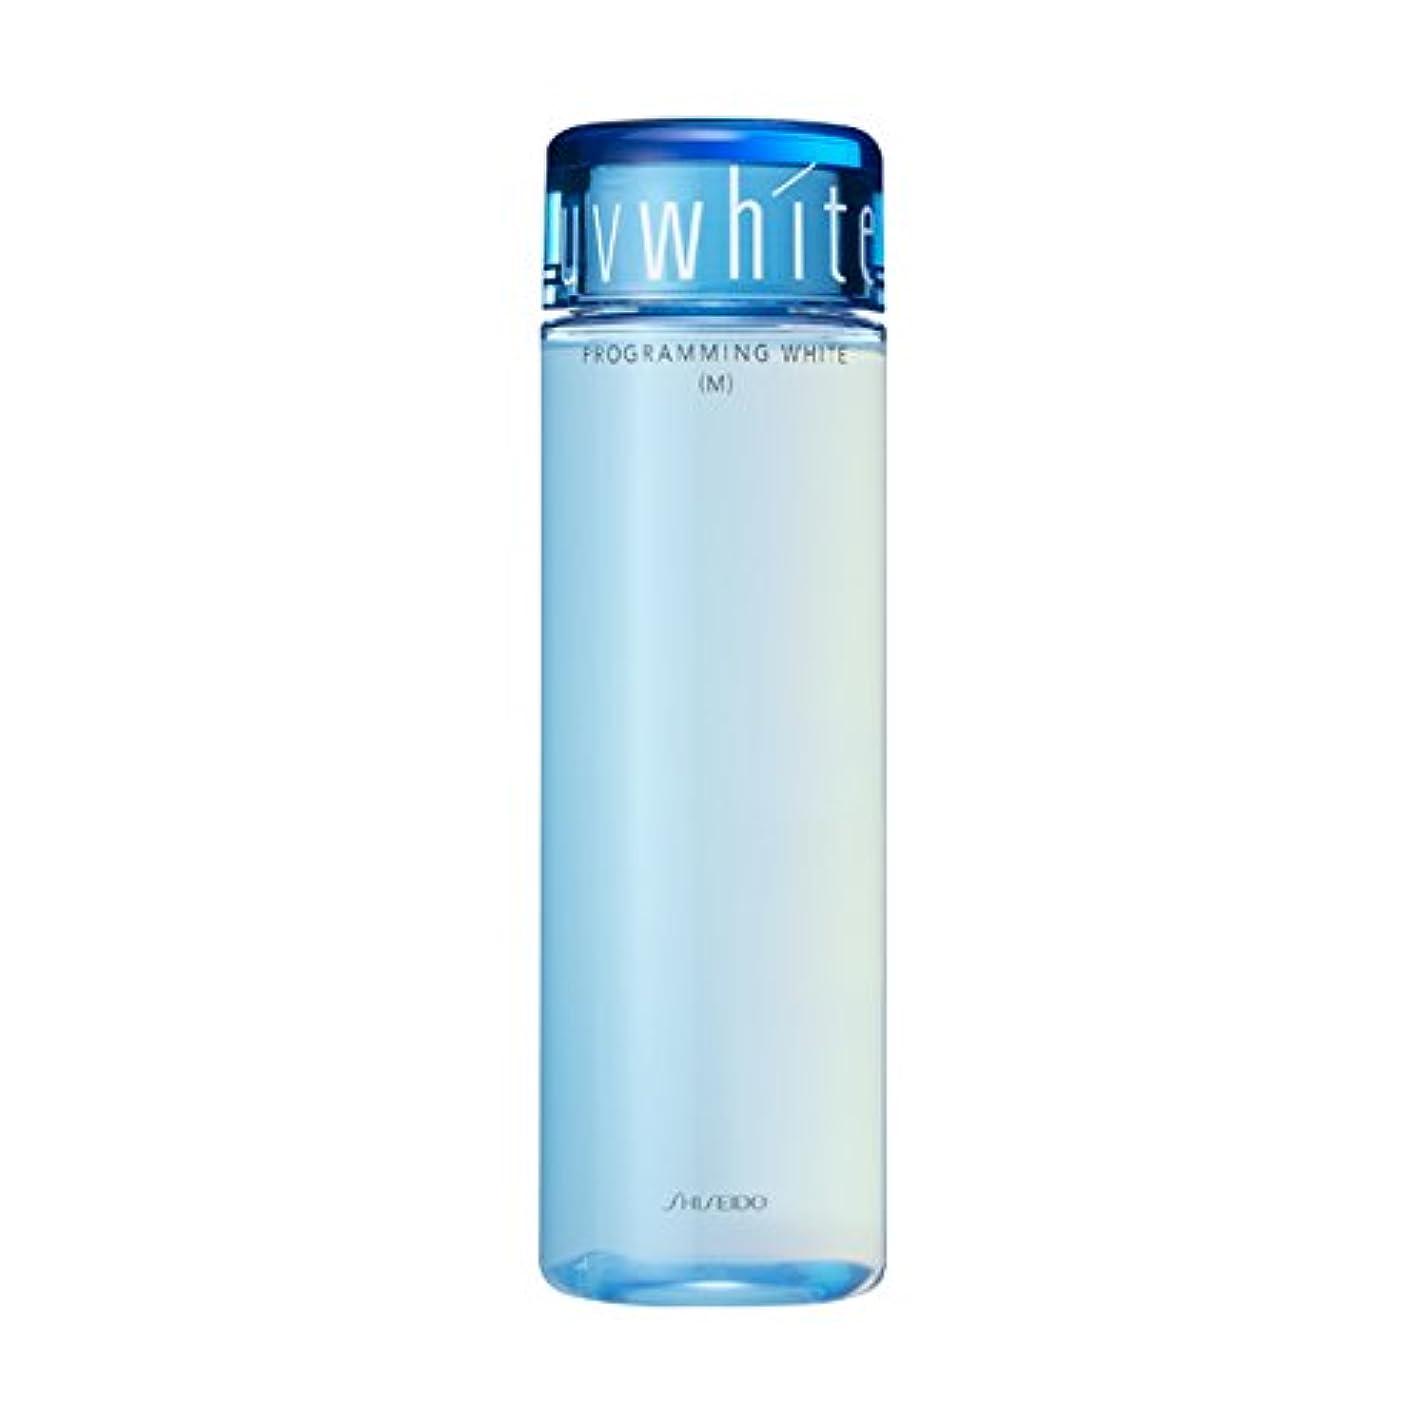 仕立て屋肯定的品UVホワイト プログラミングホワイト(モイスチャー) 300mL 【医薬部外品】